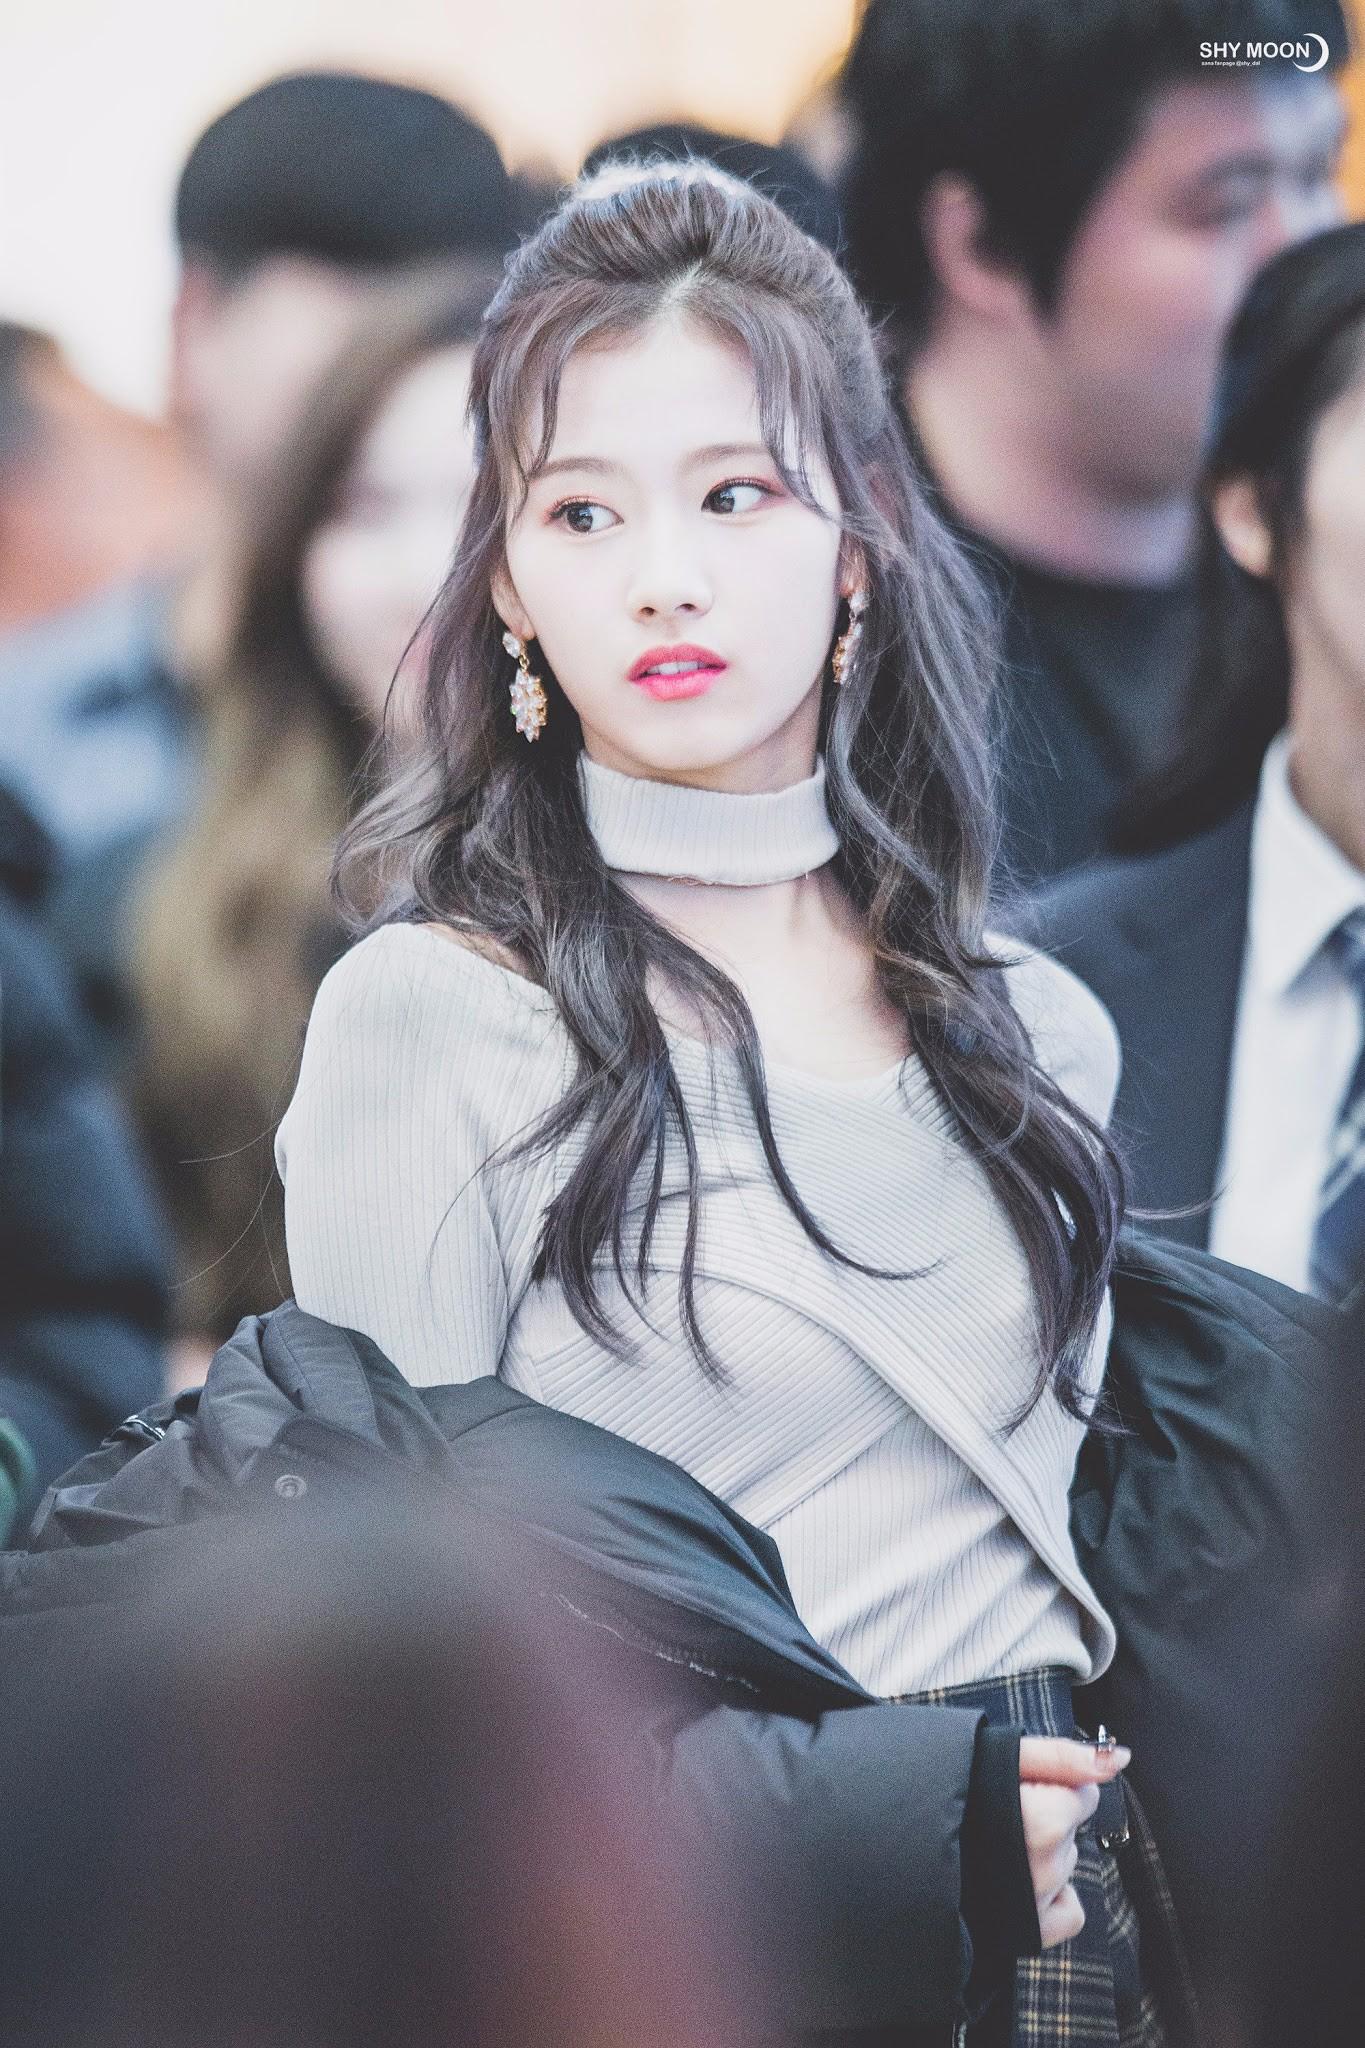 5 nữ idol sinh năm 1996 đẹp xuất chúng nhất: Không phải nữ thần nhưng luôn hot nhất nhì nhóm, lột xác ngỡ ngàng - Ảnh 14.